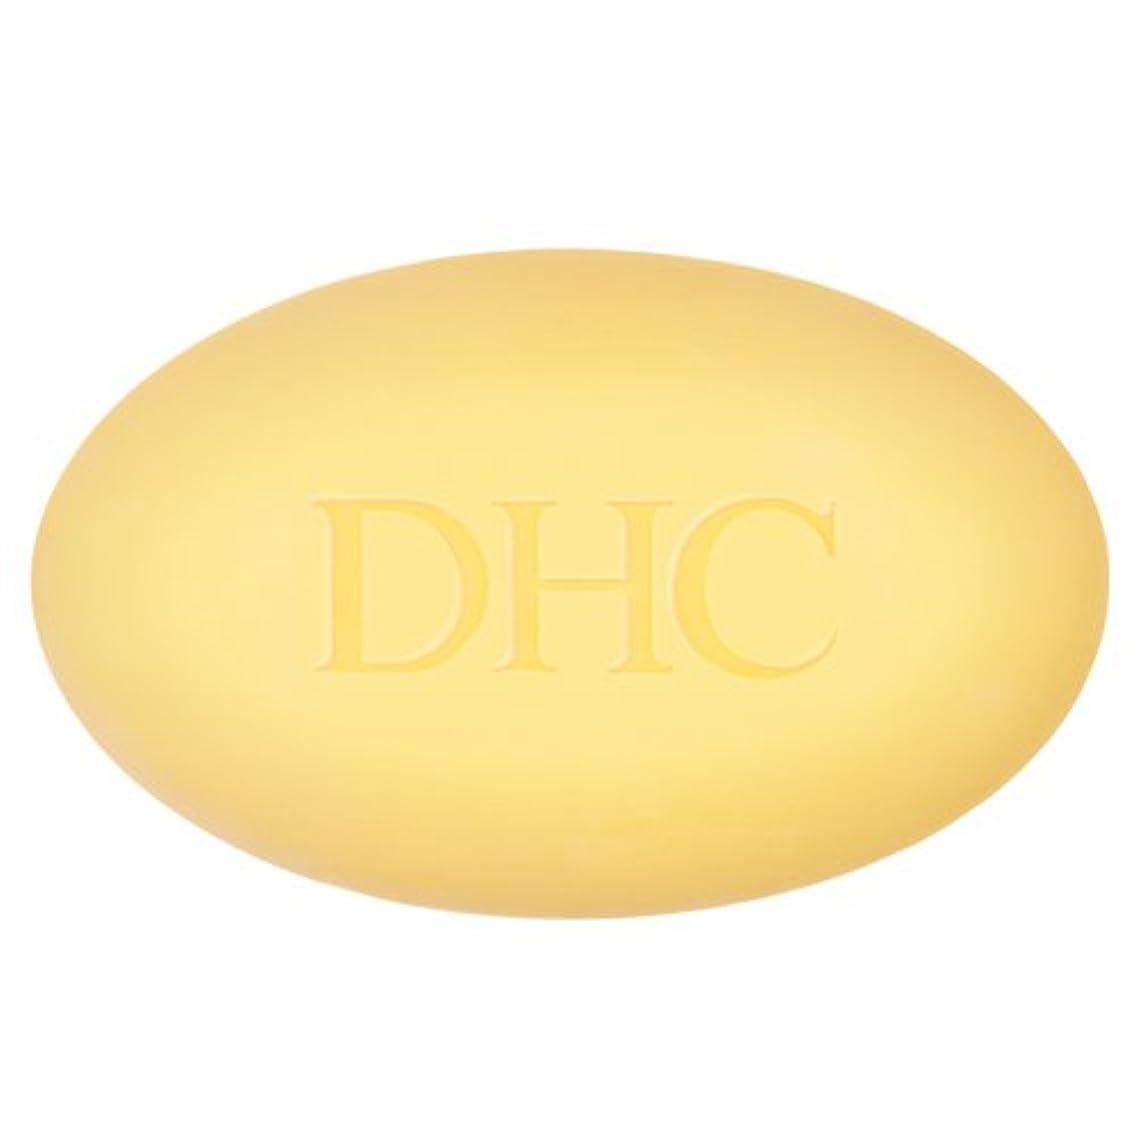 むき出し恥ずかしさ記憶DHC Q10ボディソープ